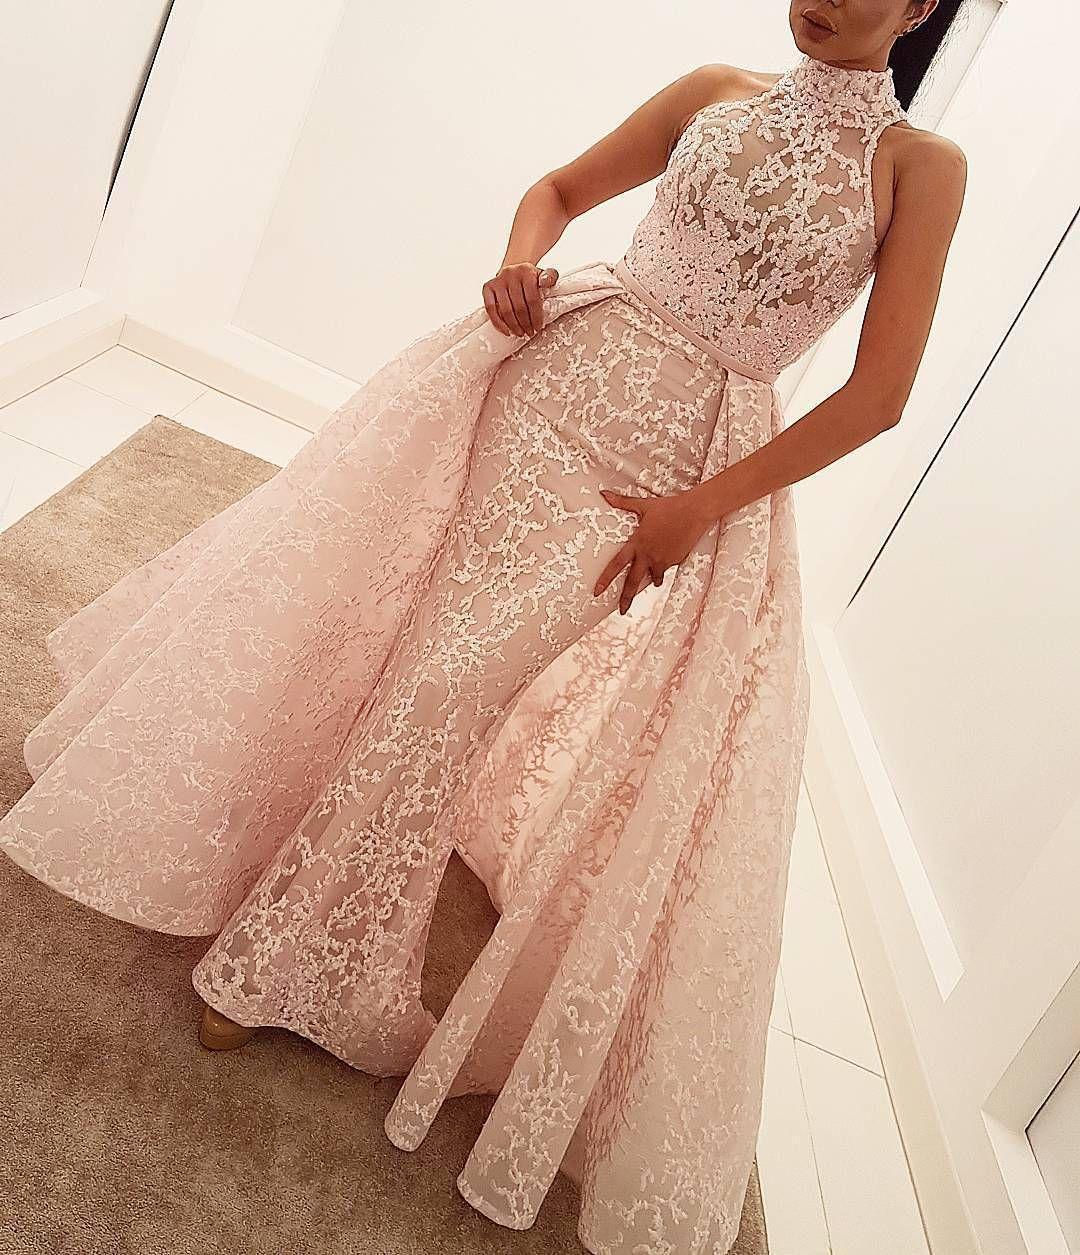 Русалка вечерние платья с юбкой без рукавов розовые кружевные аппликации высокая шея формальные вечерние платья театрализованное знаменитость арабское платье выпускного вечера